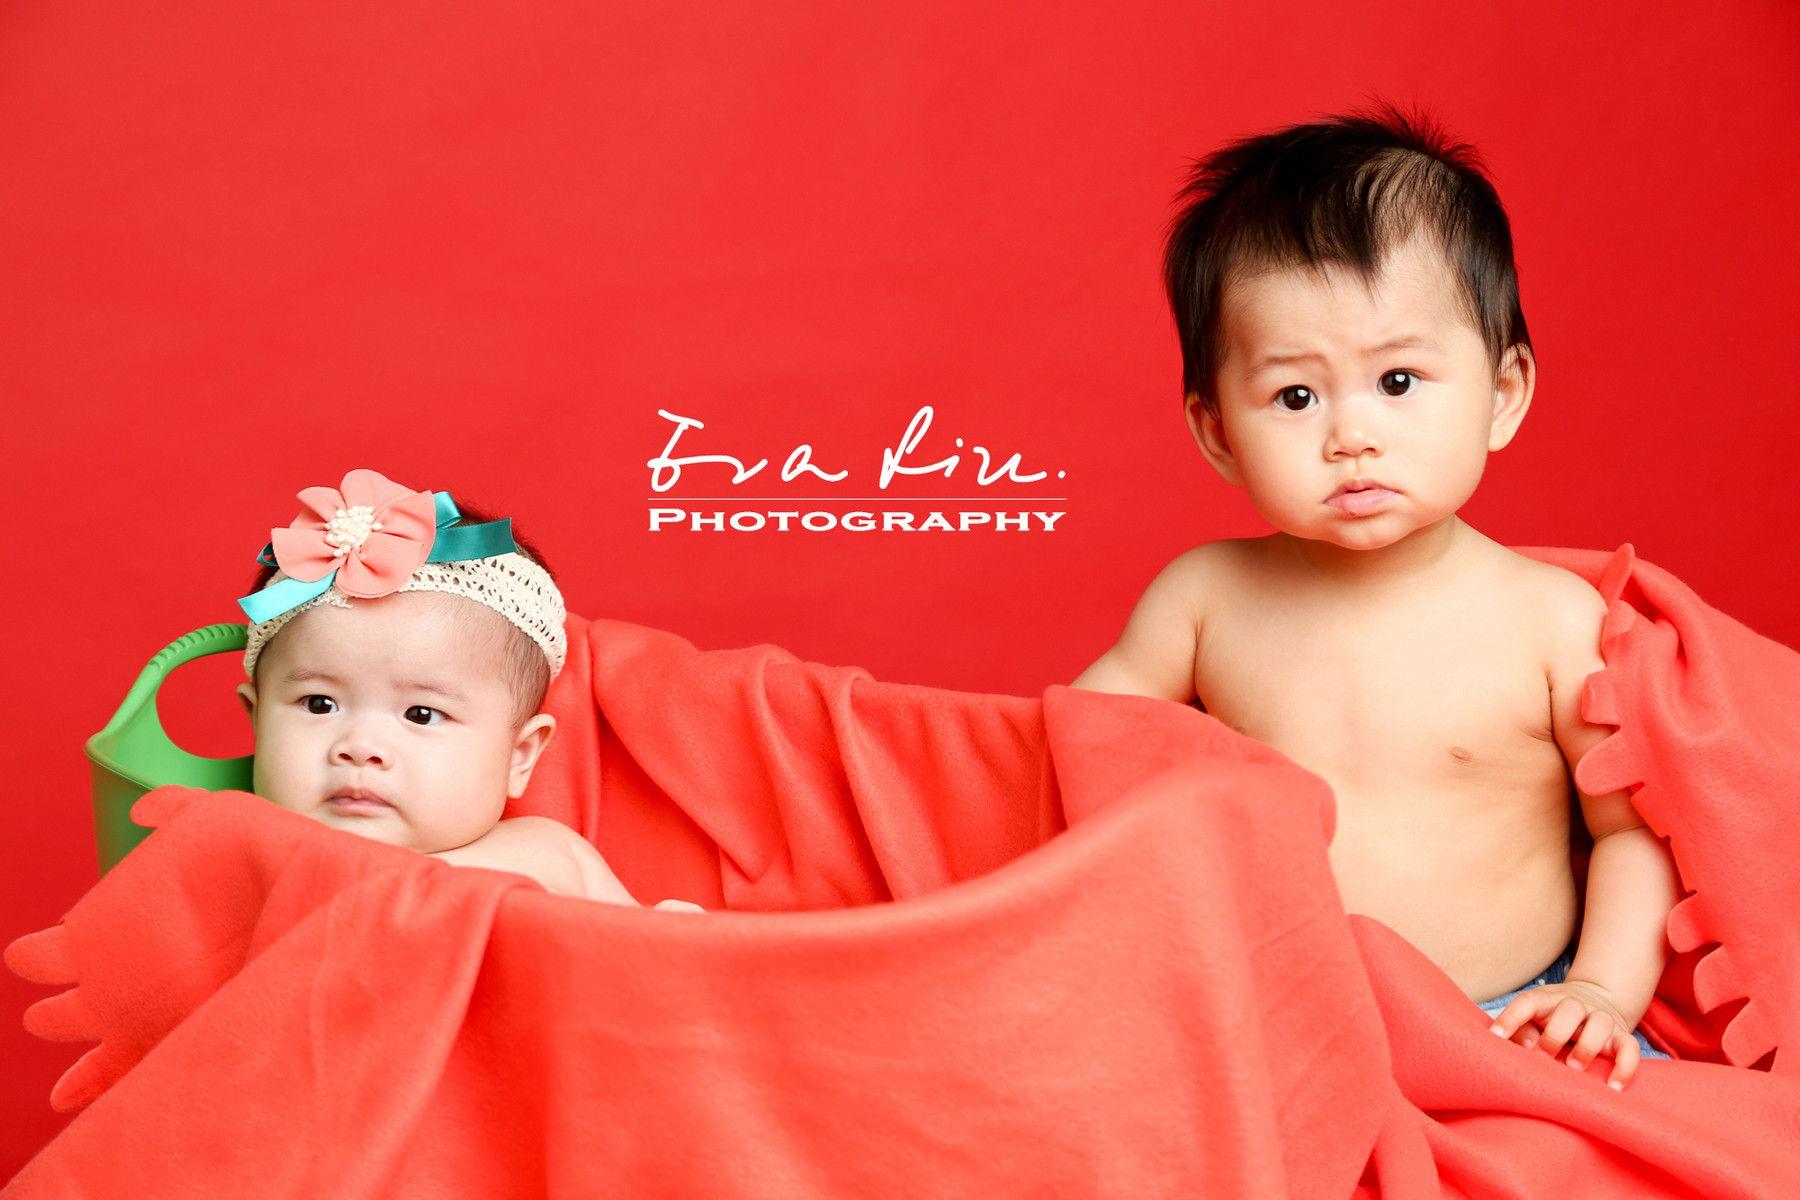 Babies nude photos — photo 12